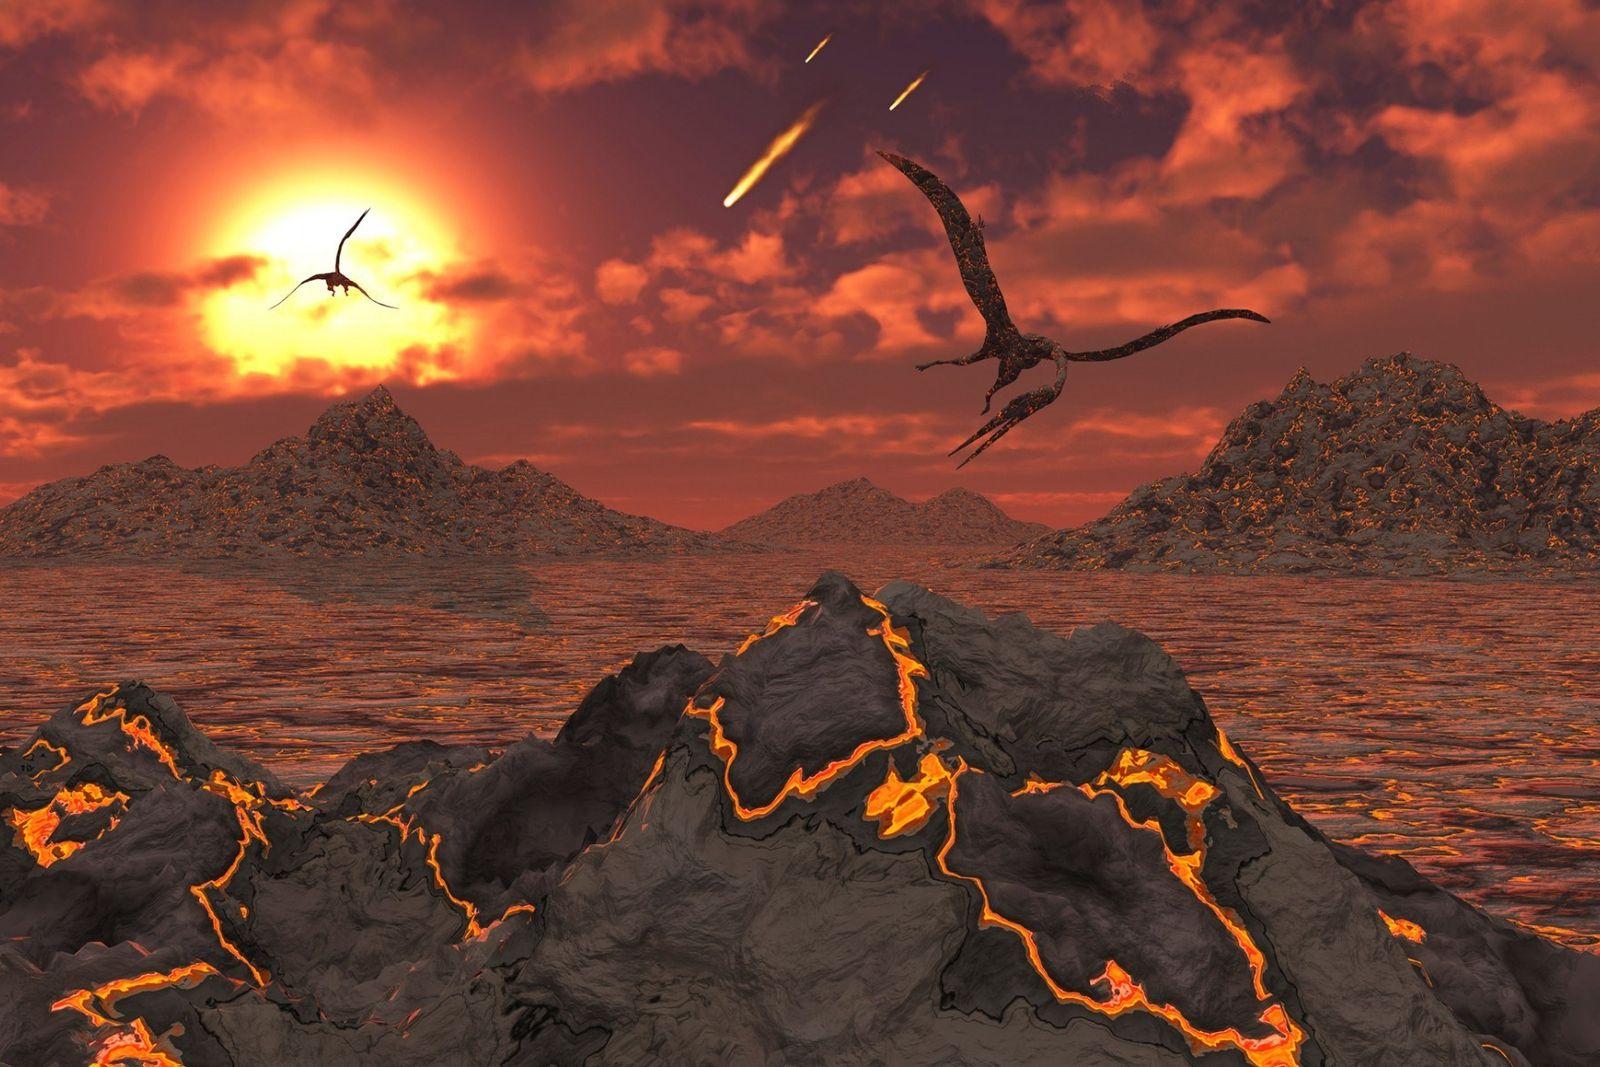 Los pterosaurios sobrevuelan un paisaje volcánico durante la extinción en masa que acabó con los dinosaurios ...